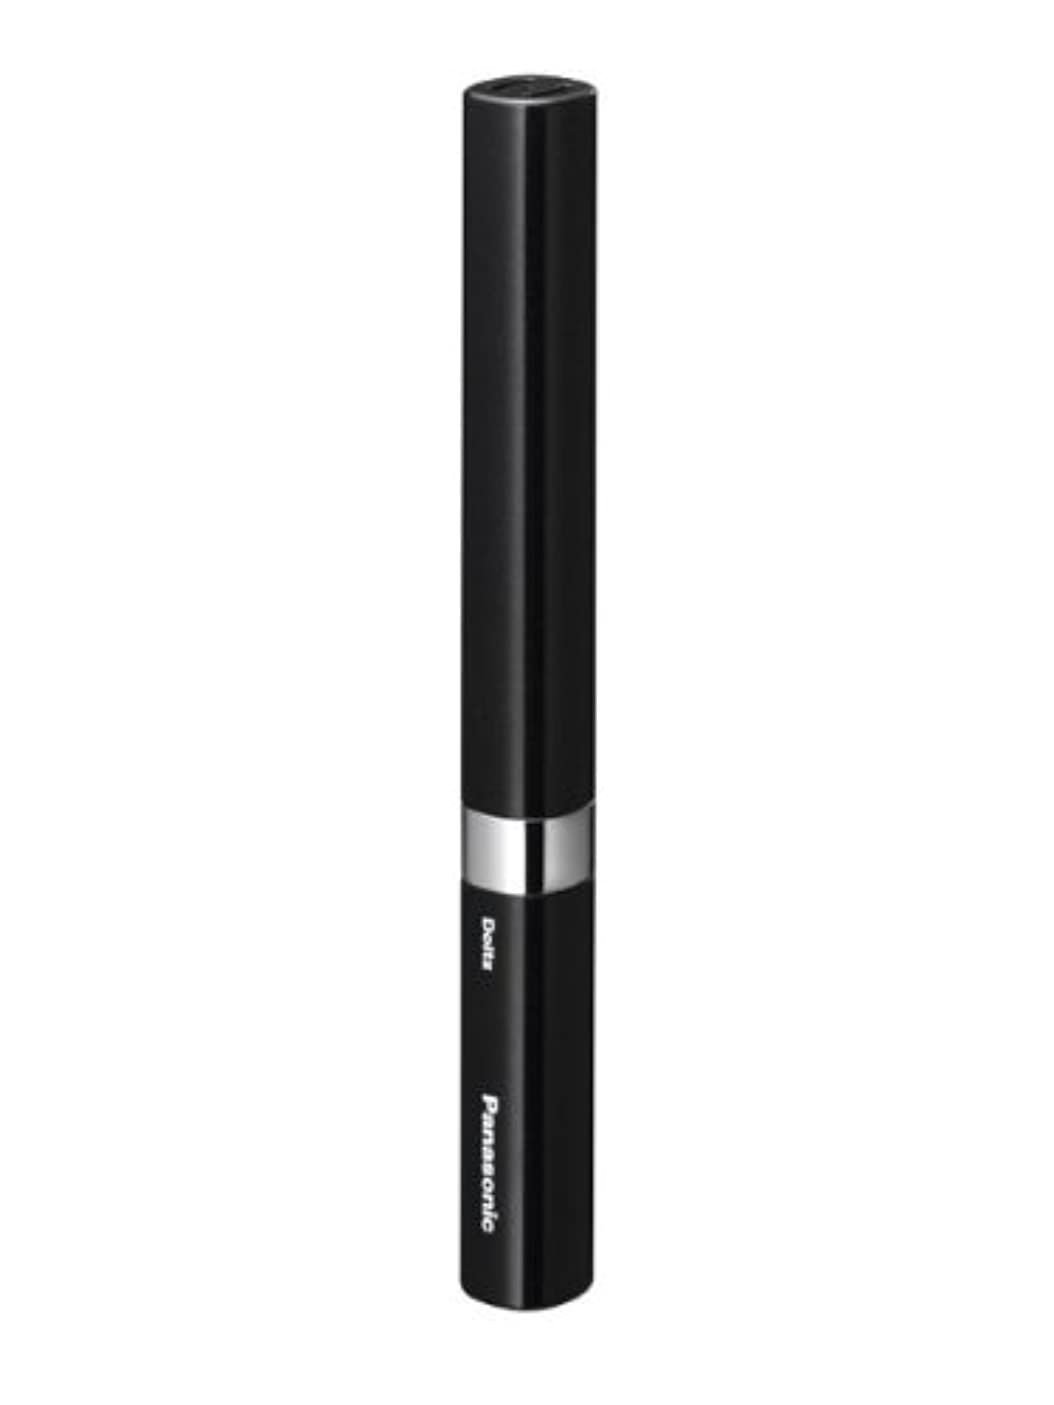 に同意する複合山岳パナソニック 音波振動ハブラシ ポケットドルツ 黒 EW-DS14-K